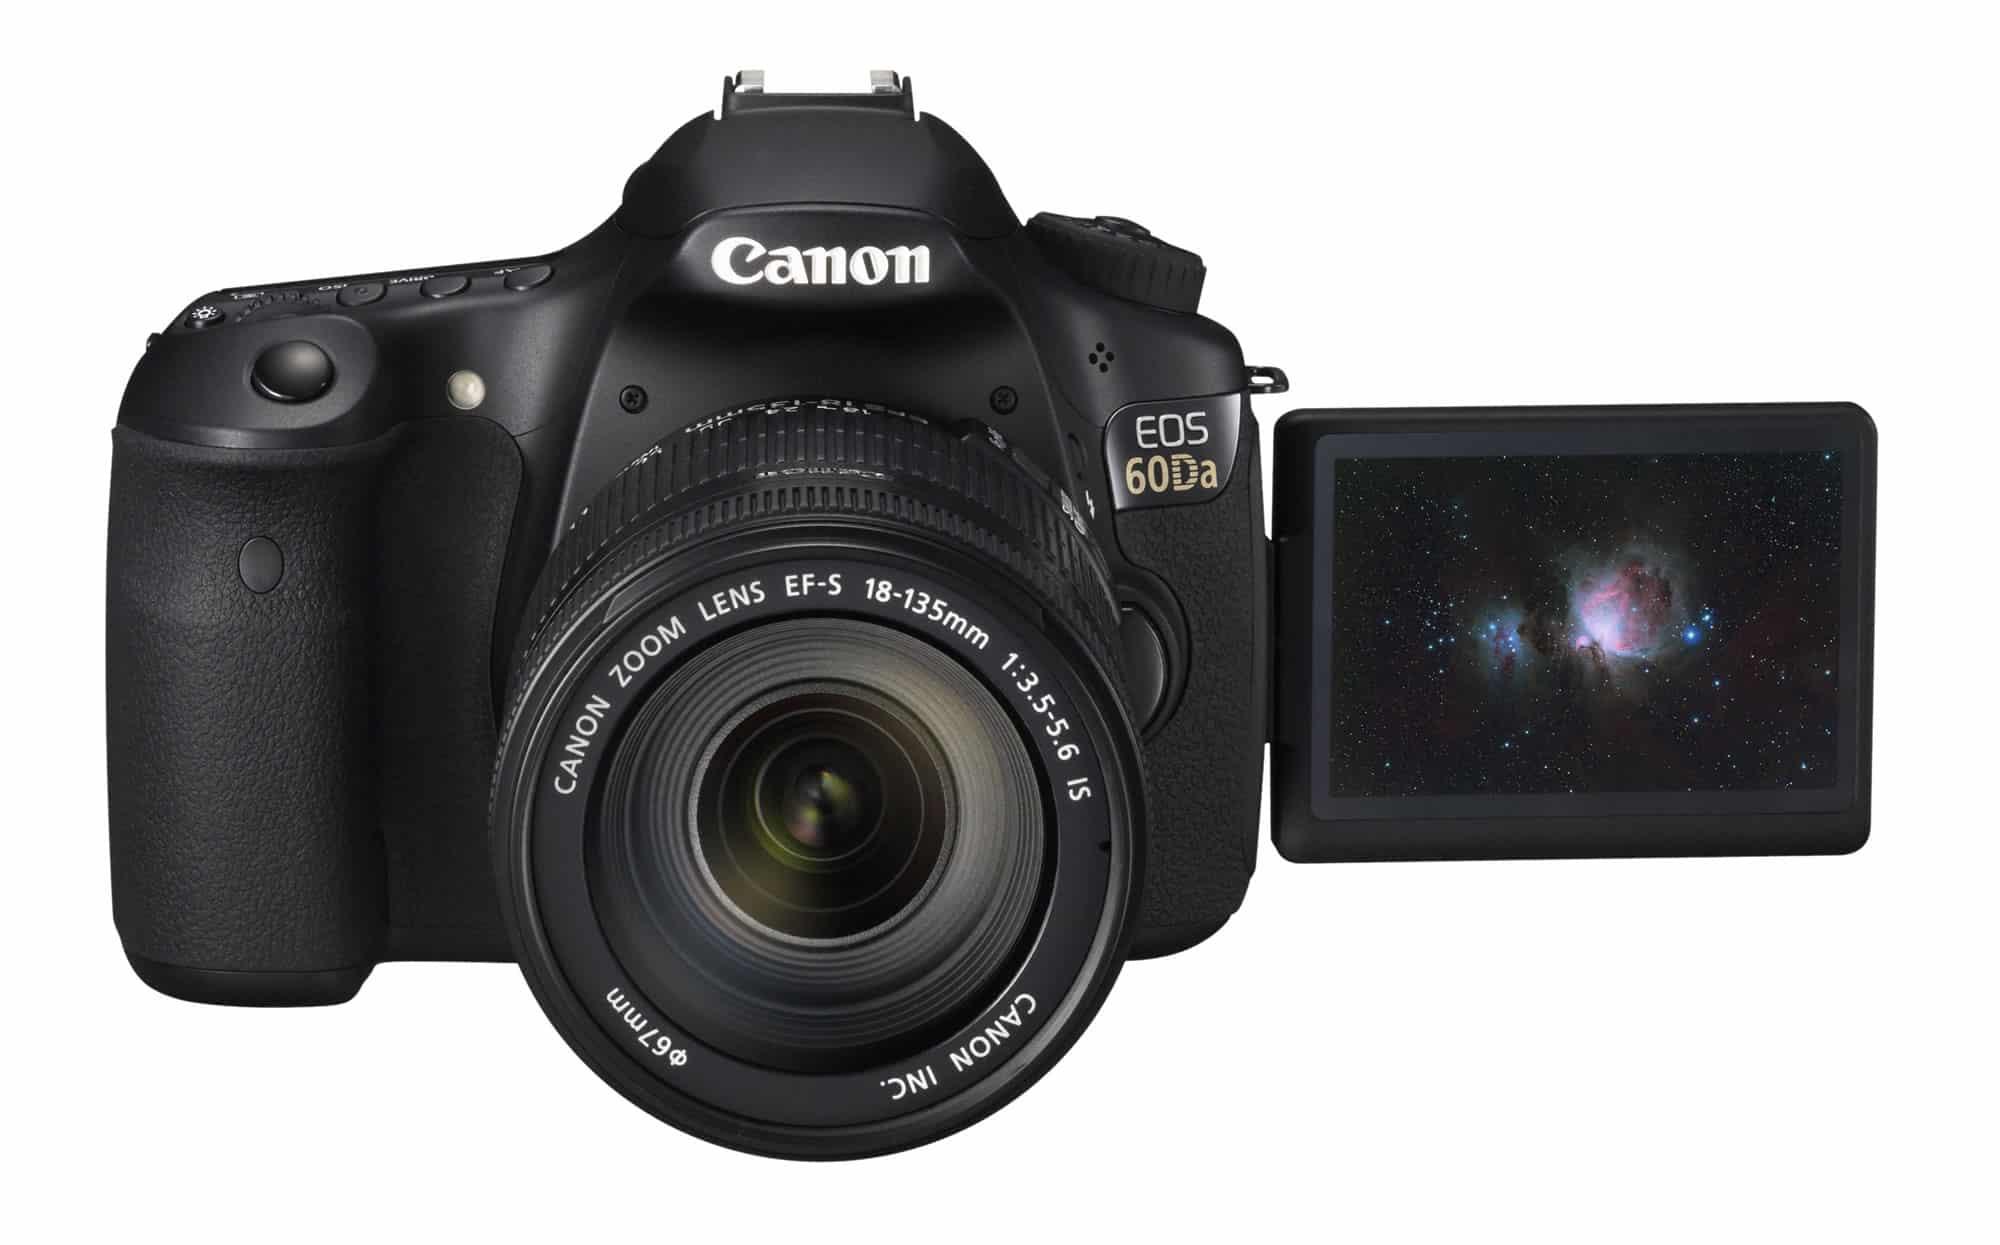 La Canon EOS 60Da luce como cualquier cámara réflex. No es más grande ni con ranuras especiales.